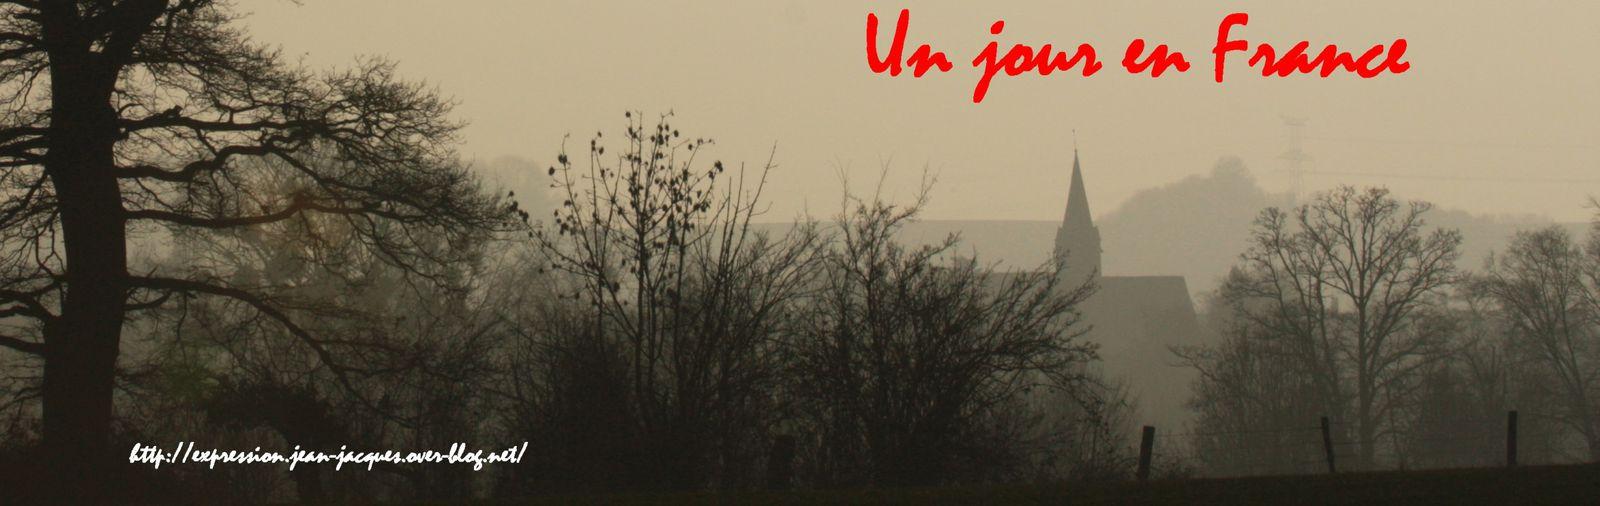 Bienvenue en Picardie, (l'Aisne, l'Oise et la Somme)